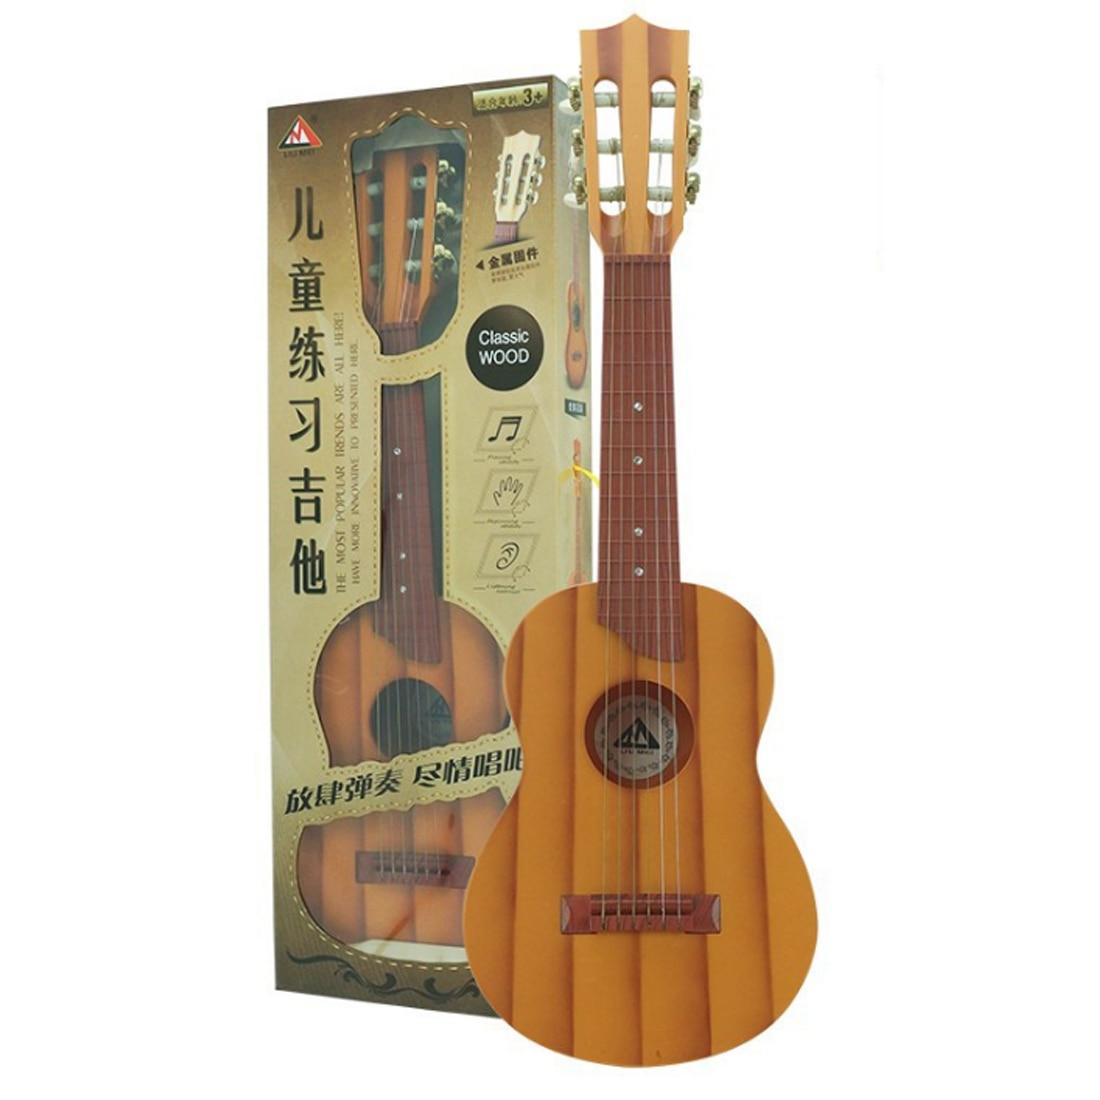 Nouveau haute qualité 138 série Simulation 6 cordes ukulélé jouets pour Instrument de musique éducatif précoce